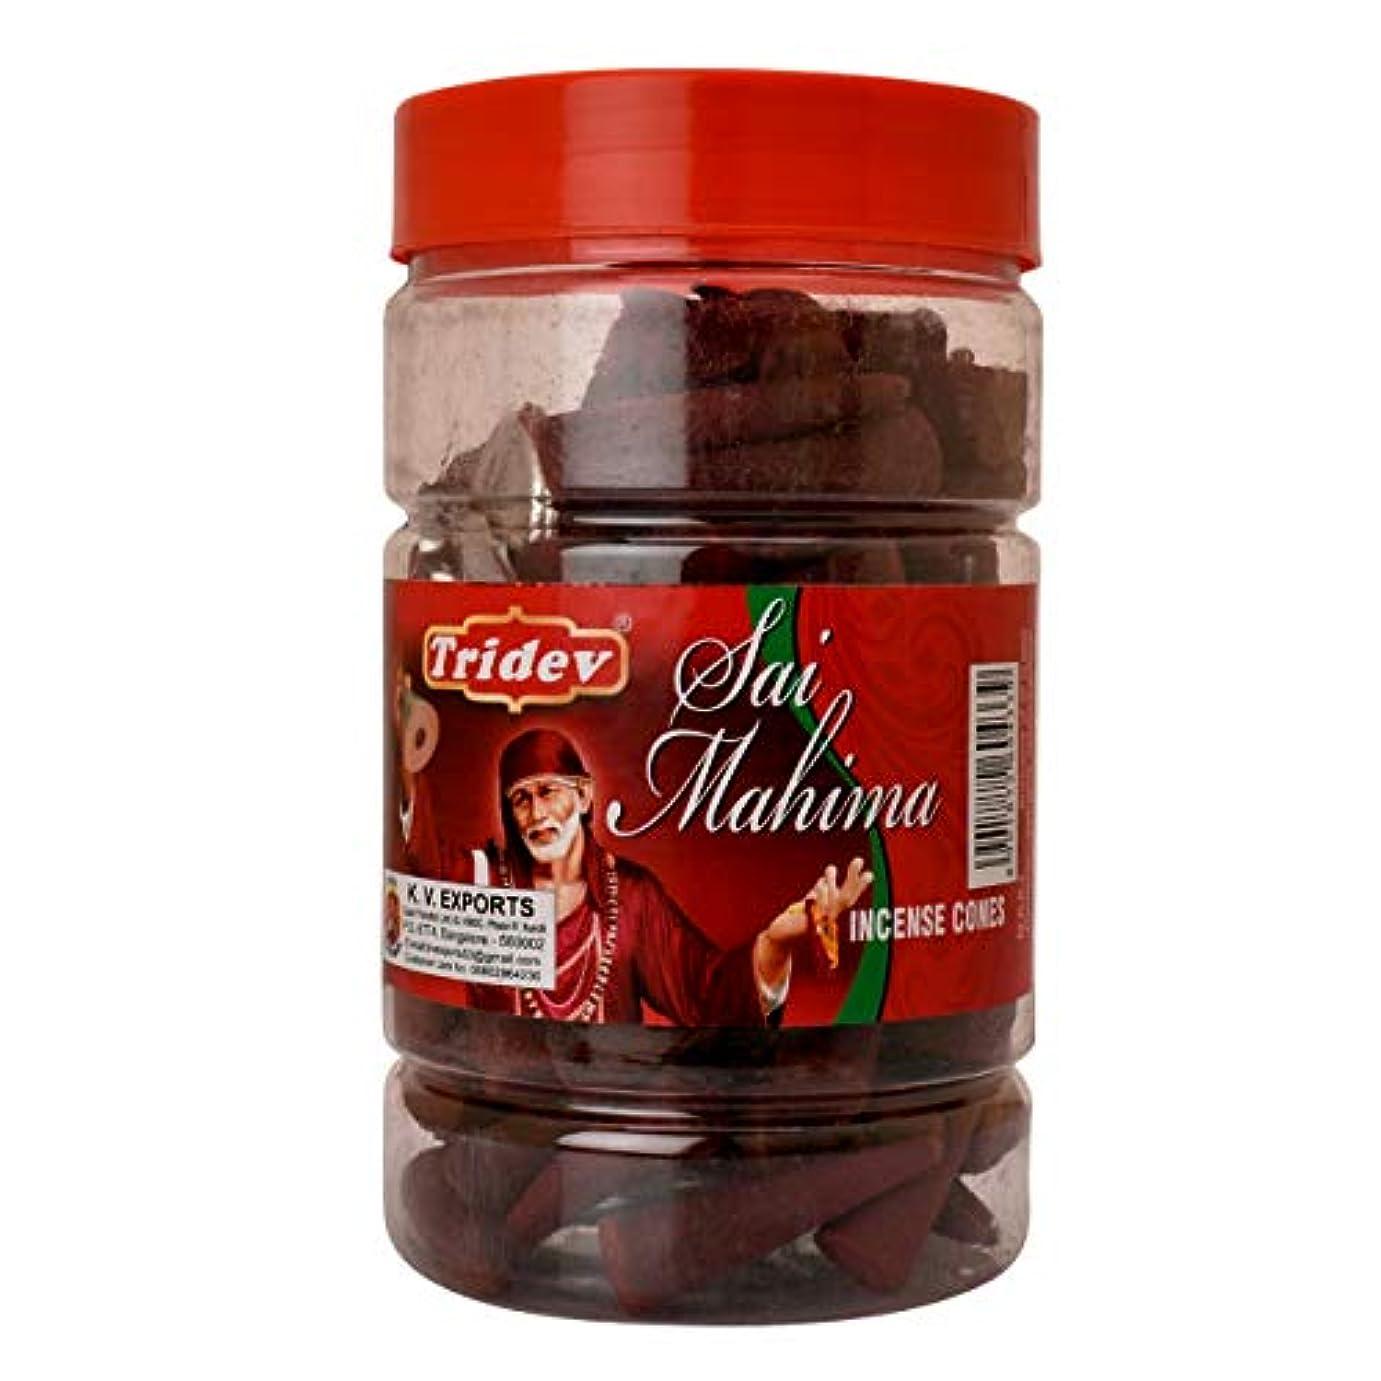 マニフェスト時代裁判官Tridev Sai Mahima フレグランス コーン型お香瓶 1350グラム ボックス入り | 6瓶 225グラム 箱入り | 輸出品質